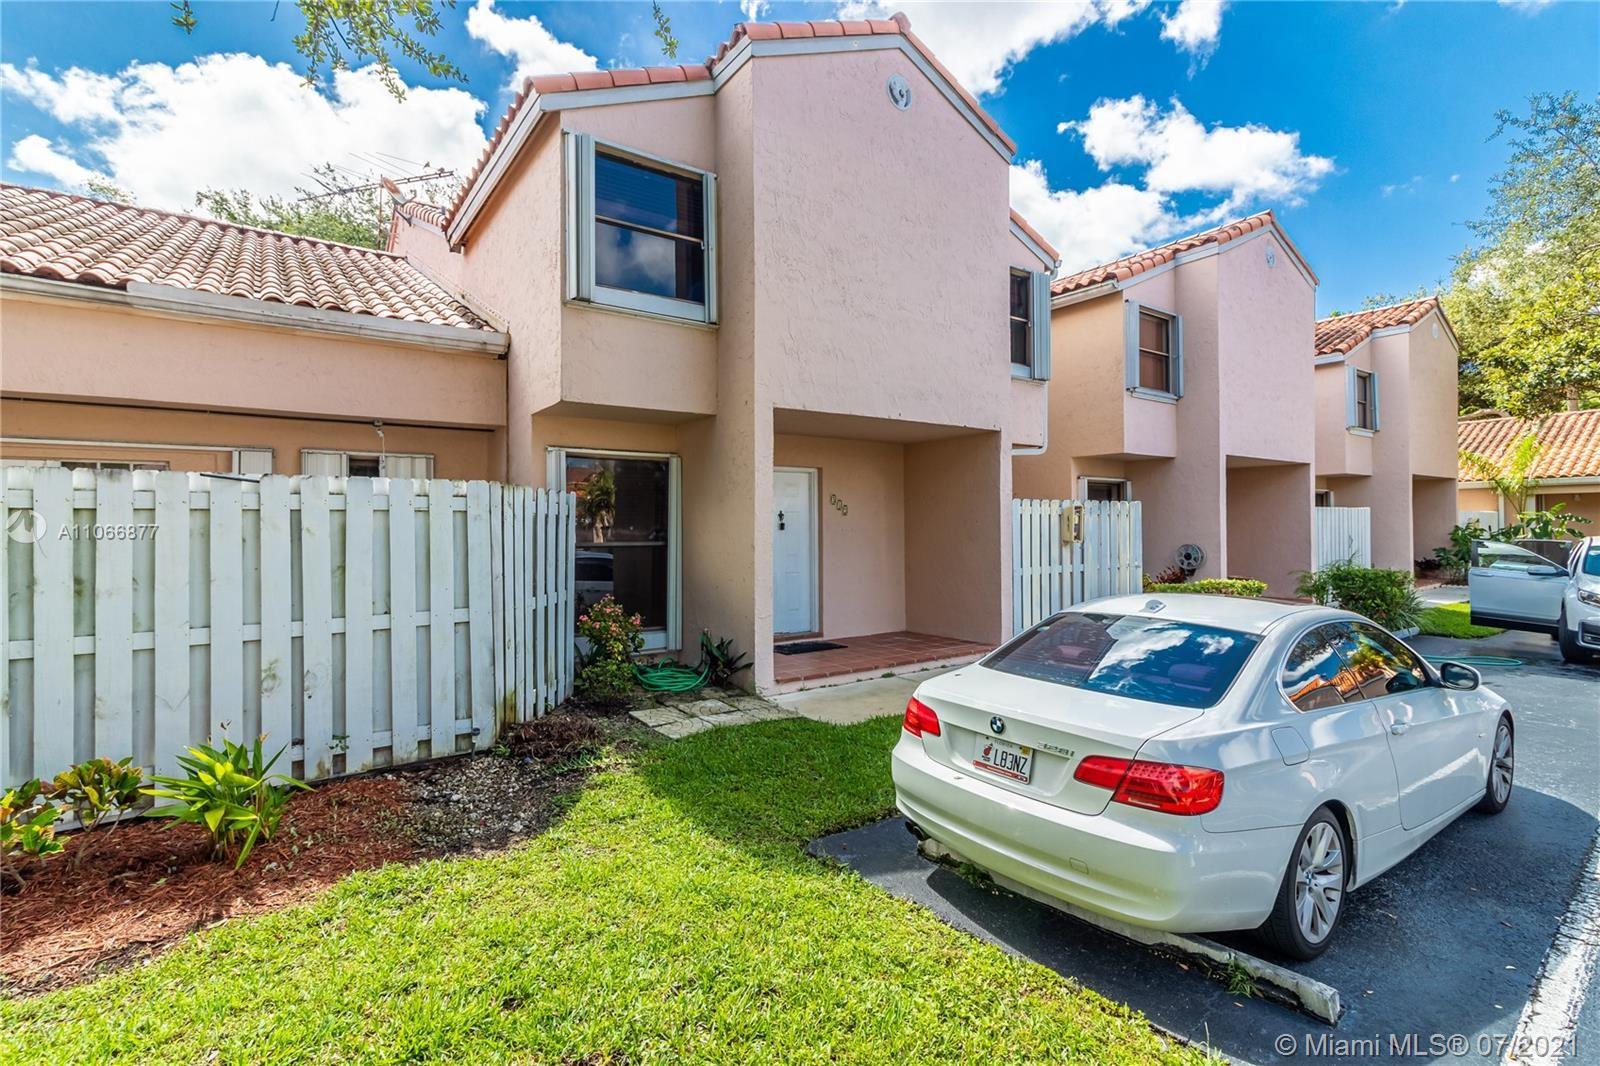 11820 SW 80th St #312, Miami, FL 33183 - #: A11066877